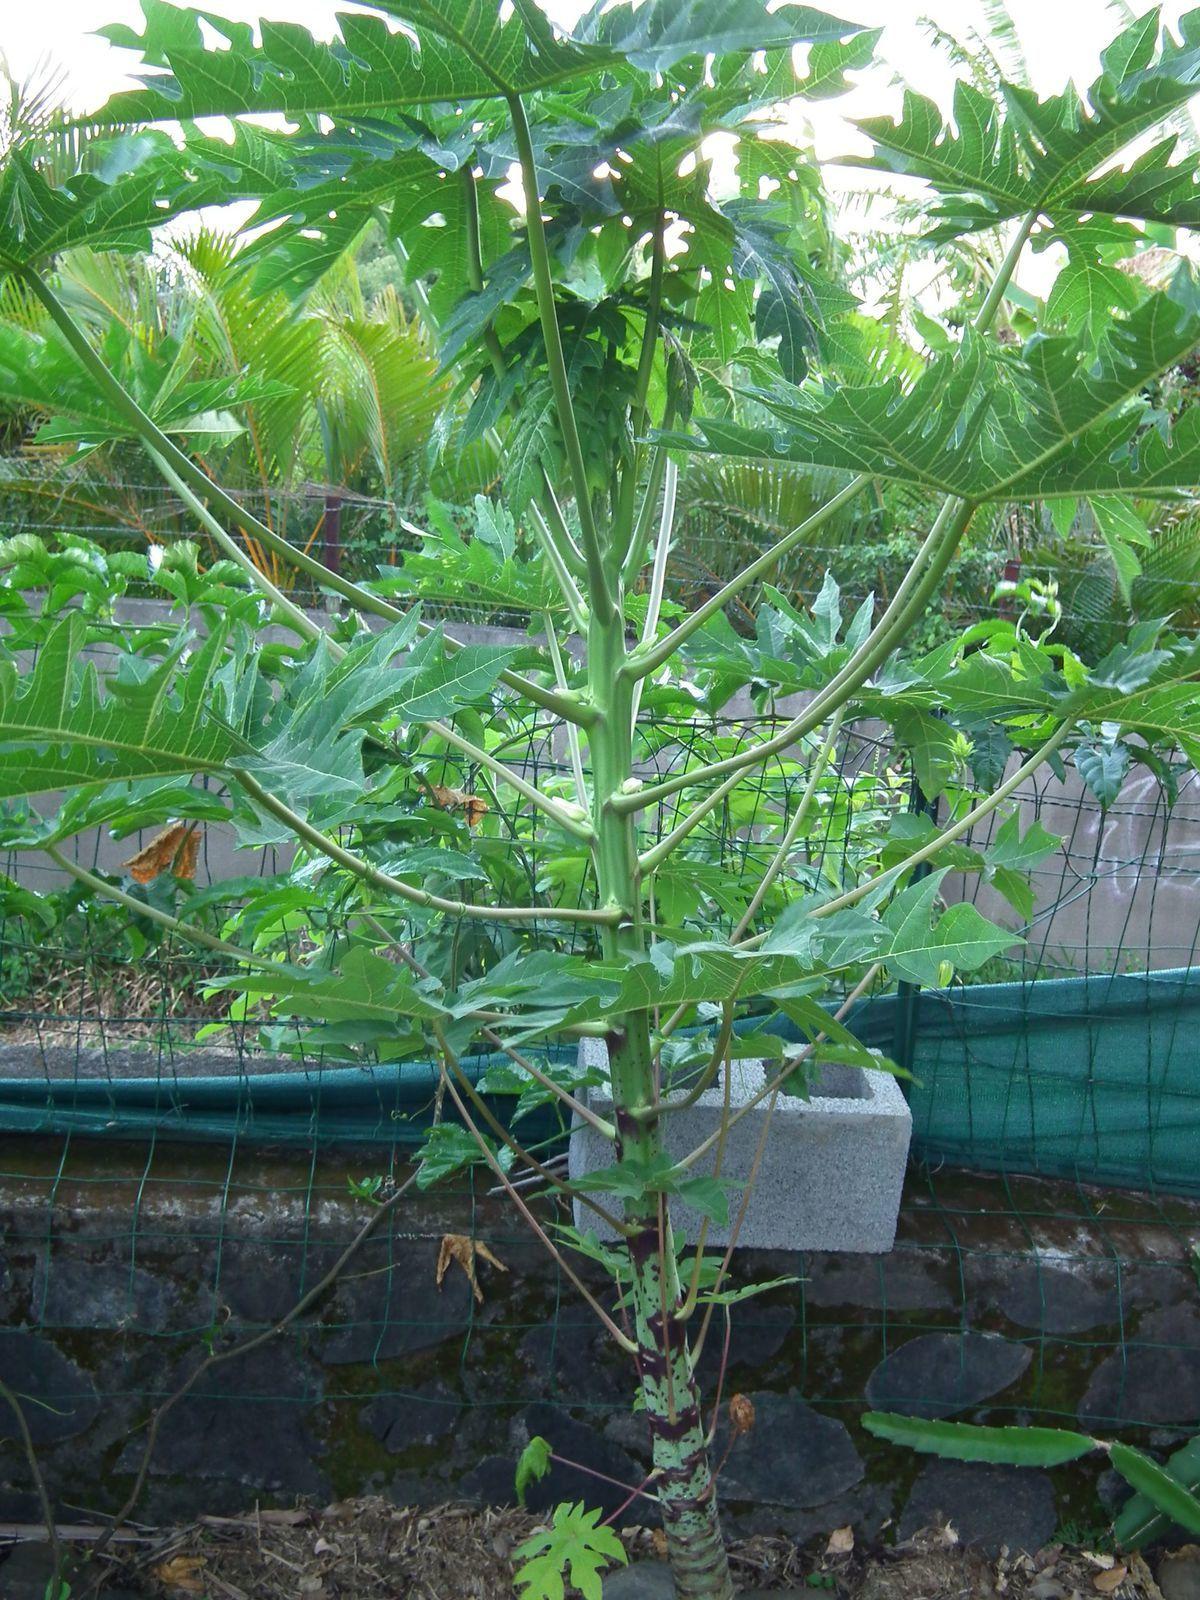 papayer, en pot durant 1 an et demi et planté il y a 6 mois. Il a poussé monstrueusement vite (alors que 3 autres pieds à d'autres endroits végètent dans le jardin depuis 1 an). Me voilà soulagée depuis 15 jours car on voit que c'est bien un pied femelle : il prépare ses fleurs pour faire des fruits le long du tronc.